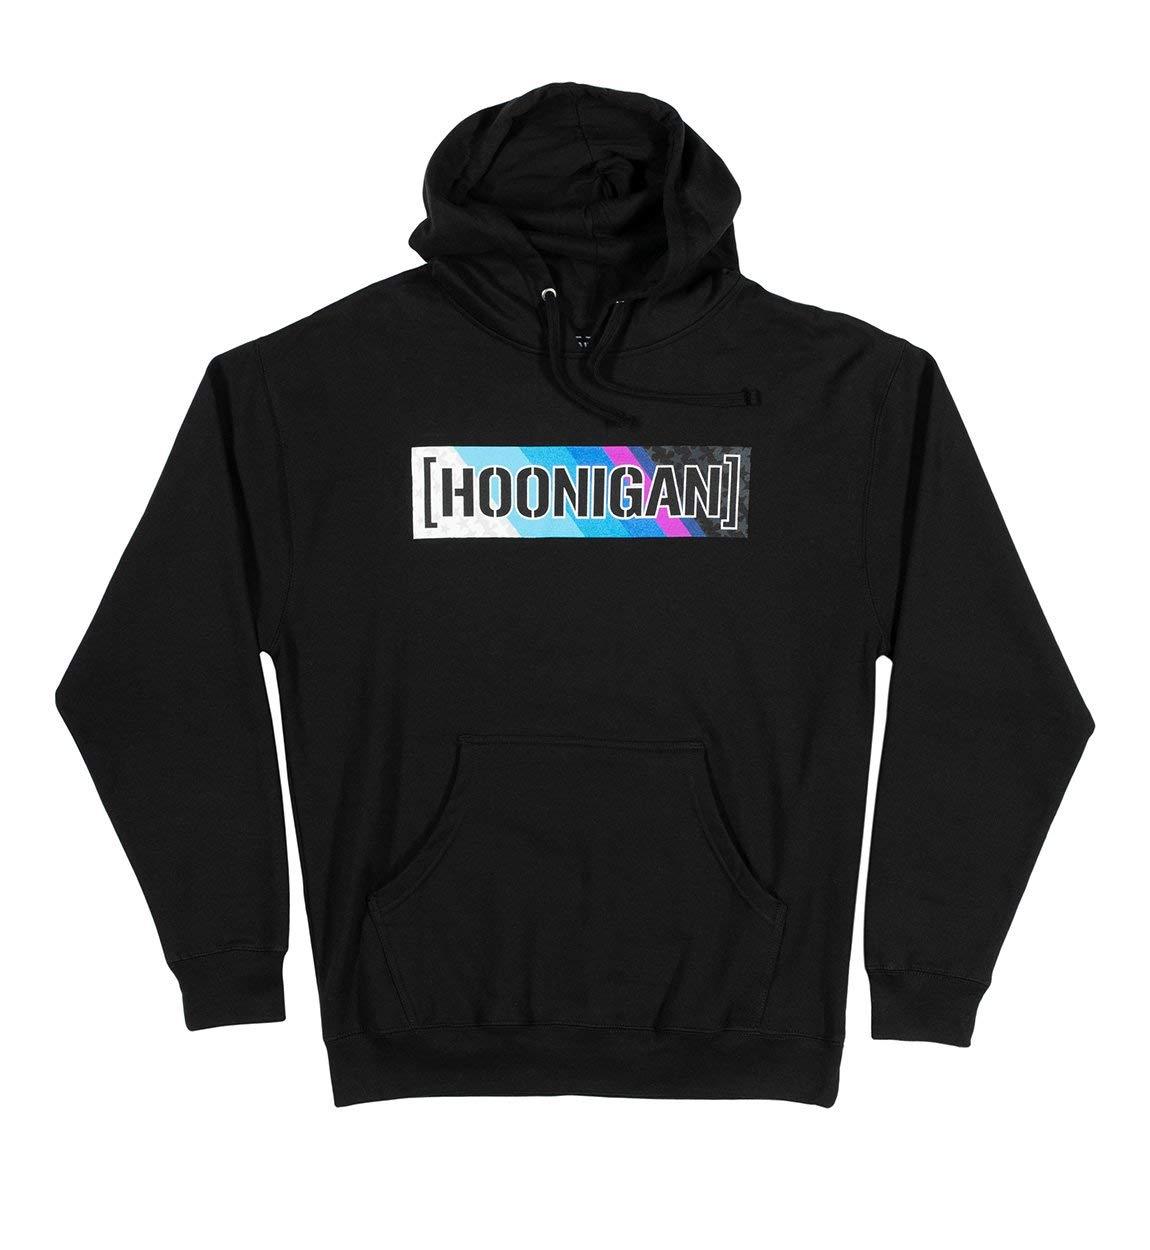 Hoonigan HRD19 Censor Bar Pull Over